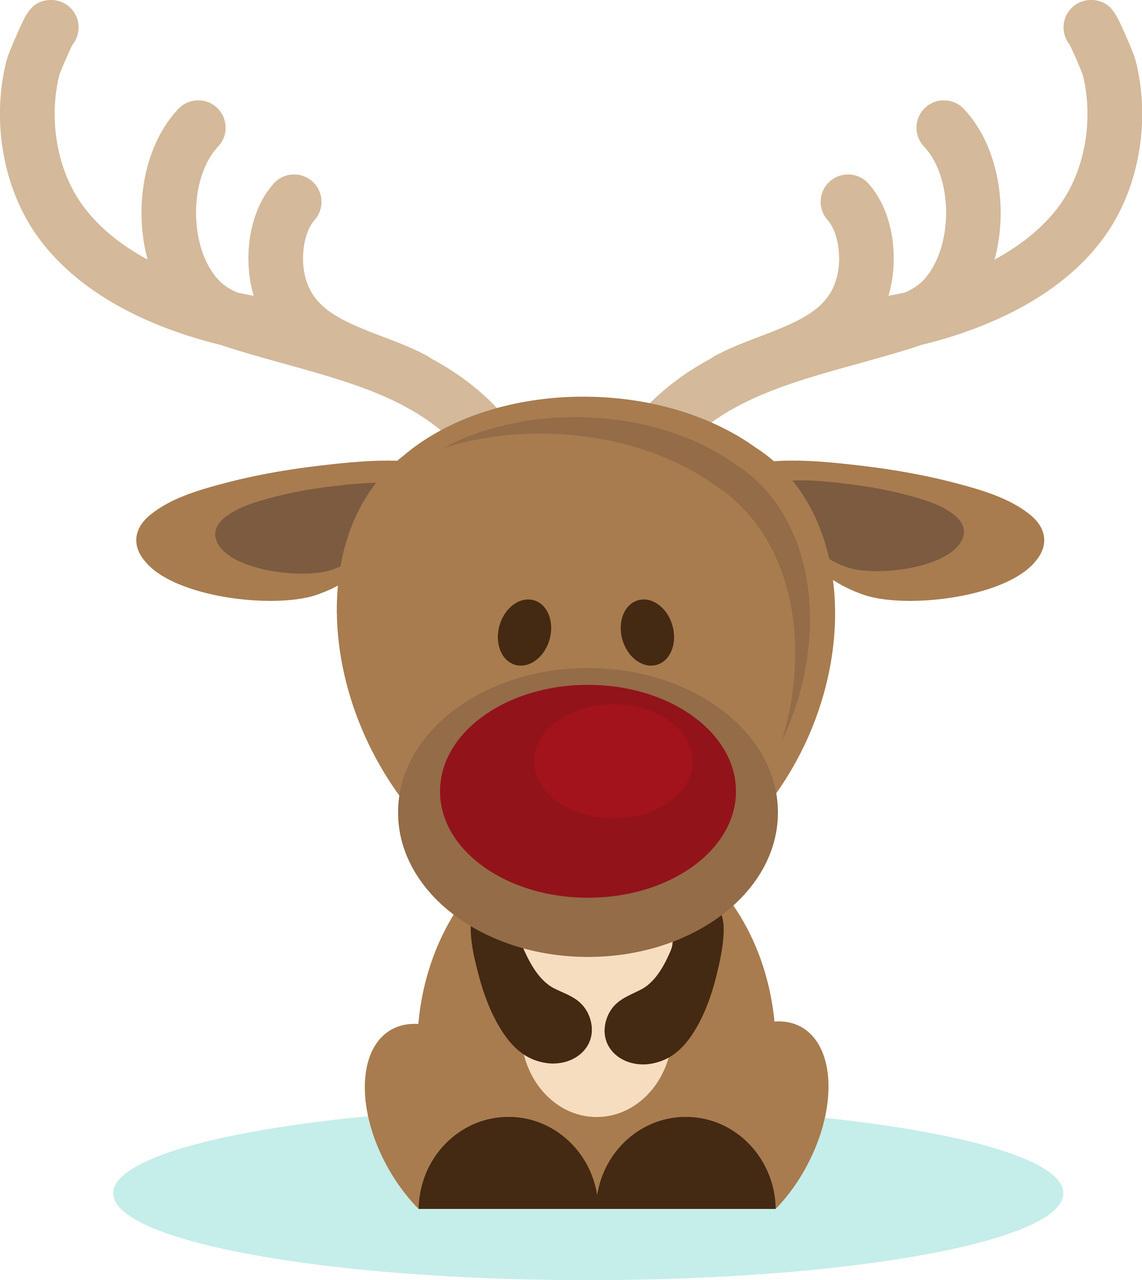 Reindeer clipart #2, Download drawings